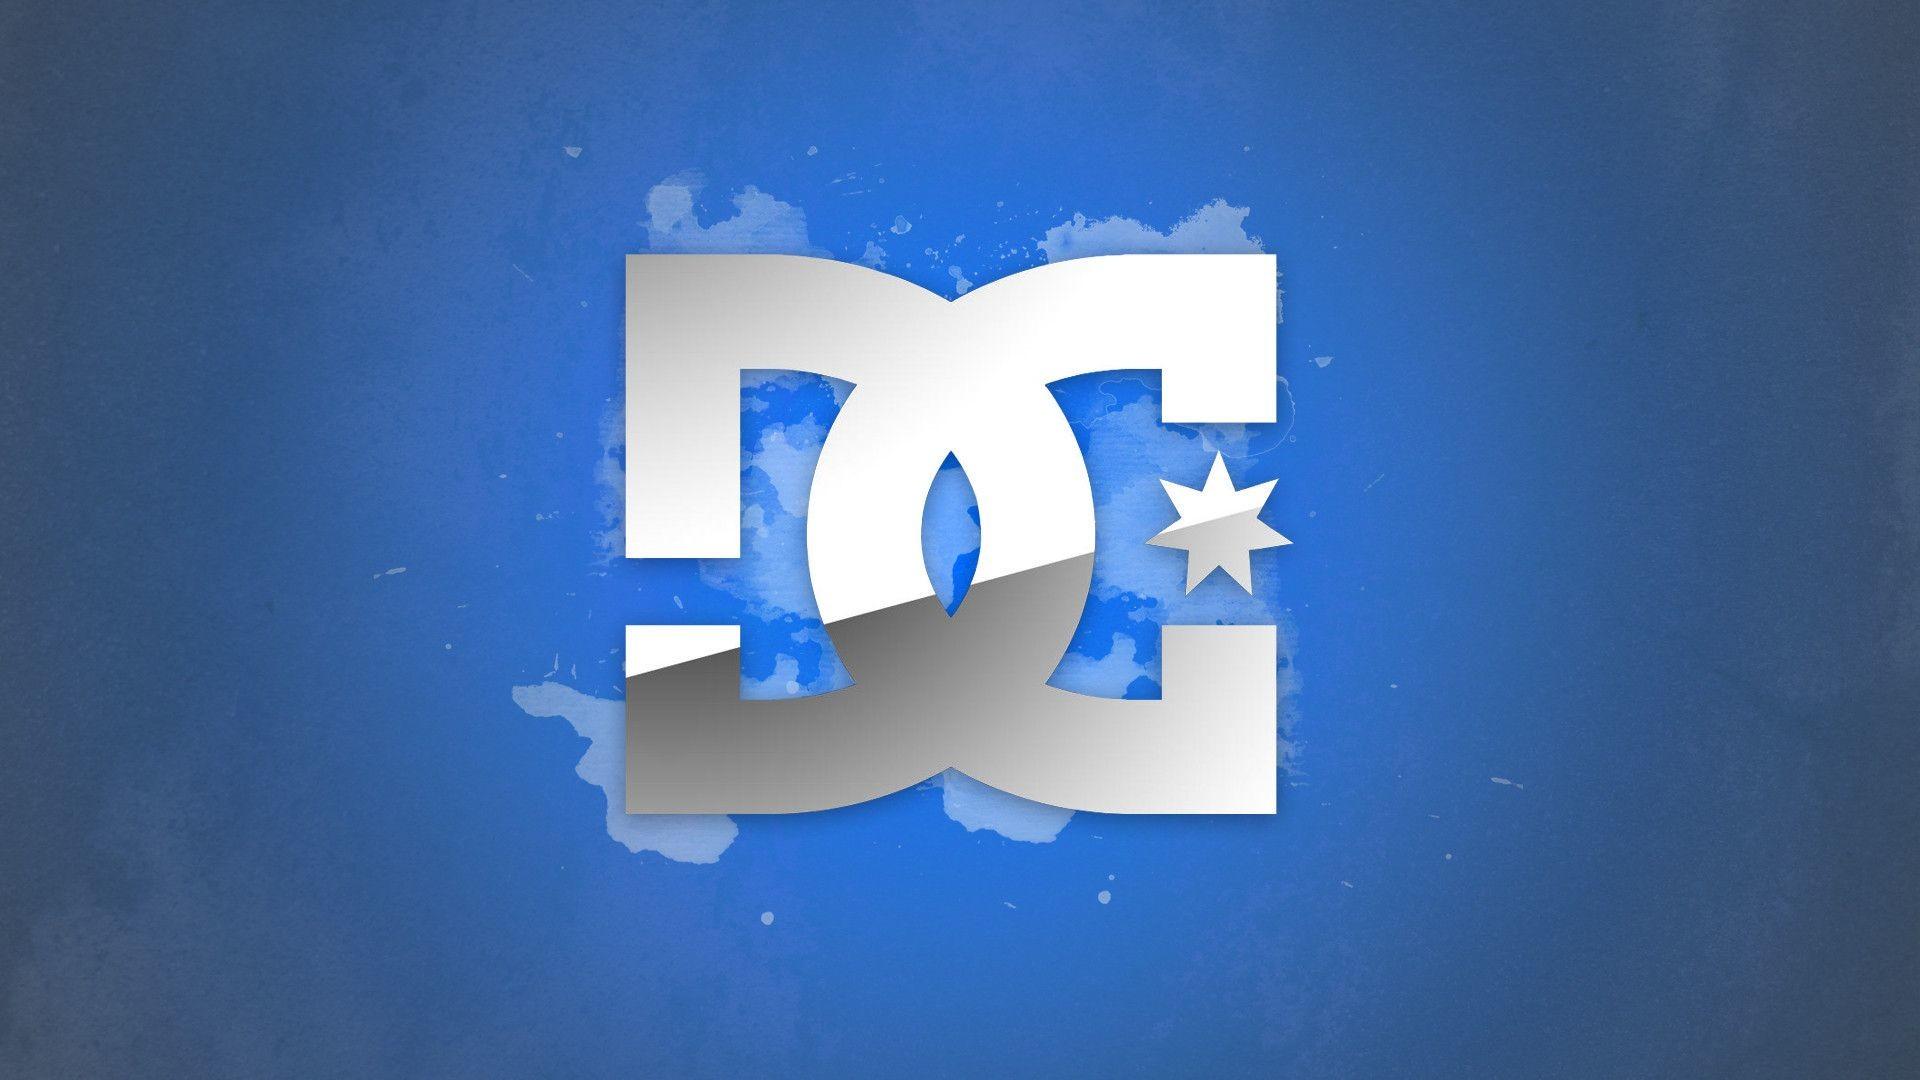 Dc Shoe Logo Wallpaper Wallpapertag